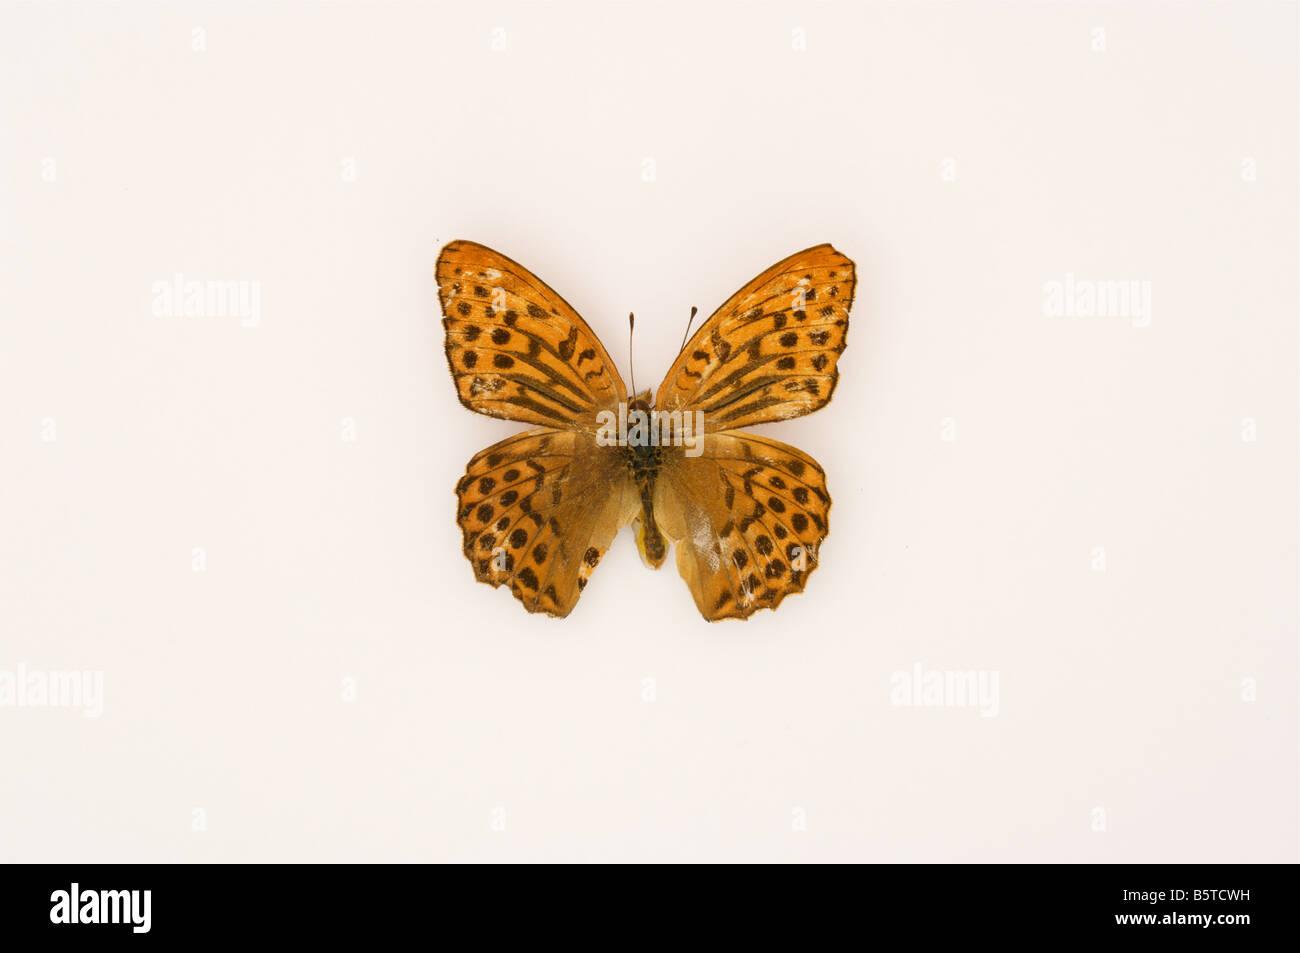 Marrone Giallo di farfalle tropicali insetti Immagini Stock